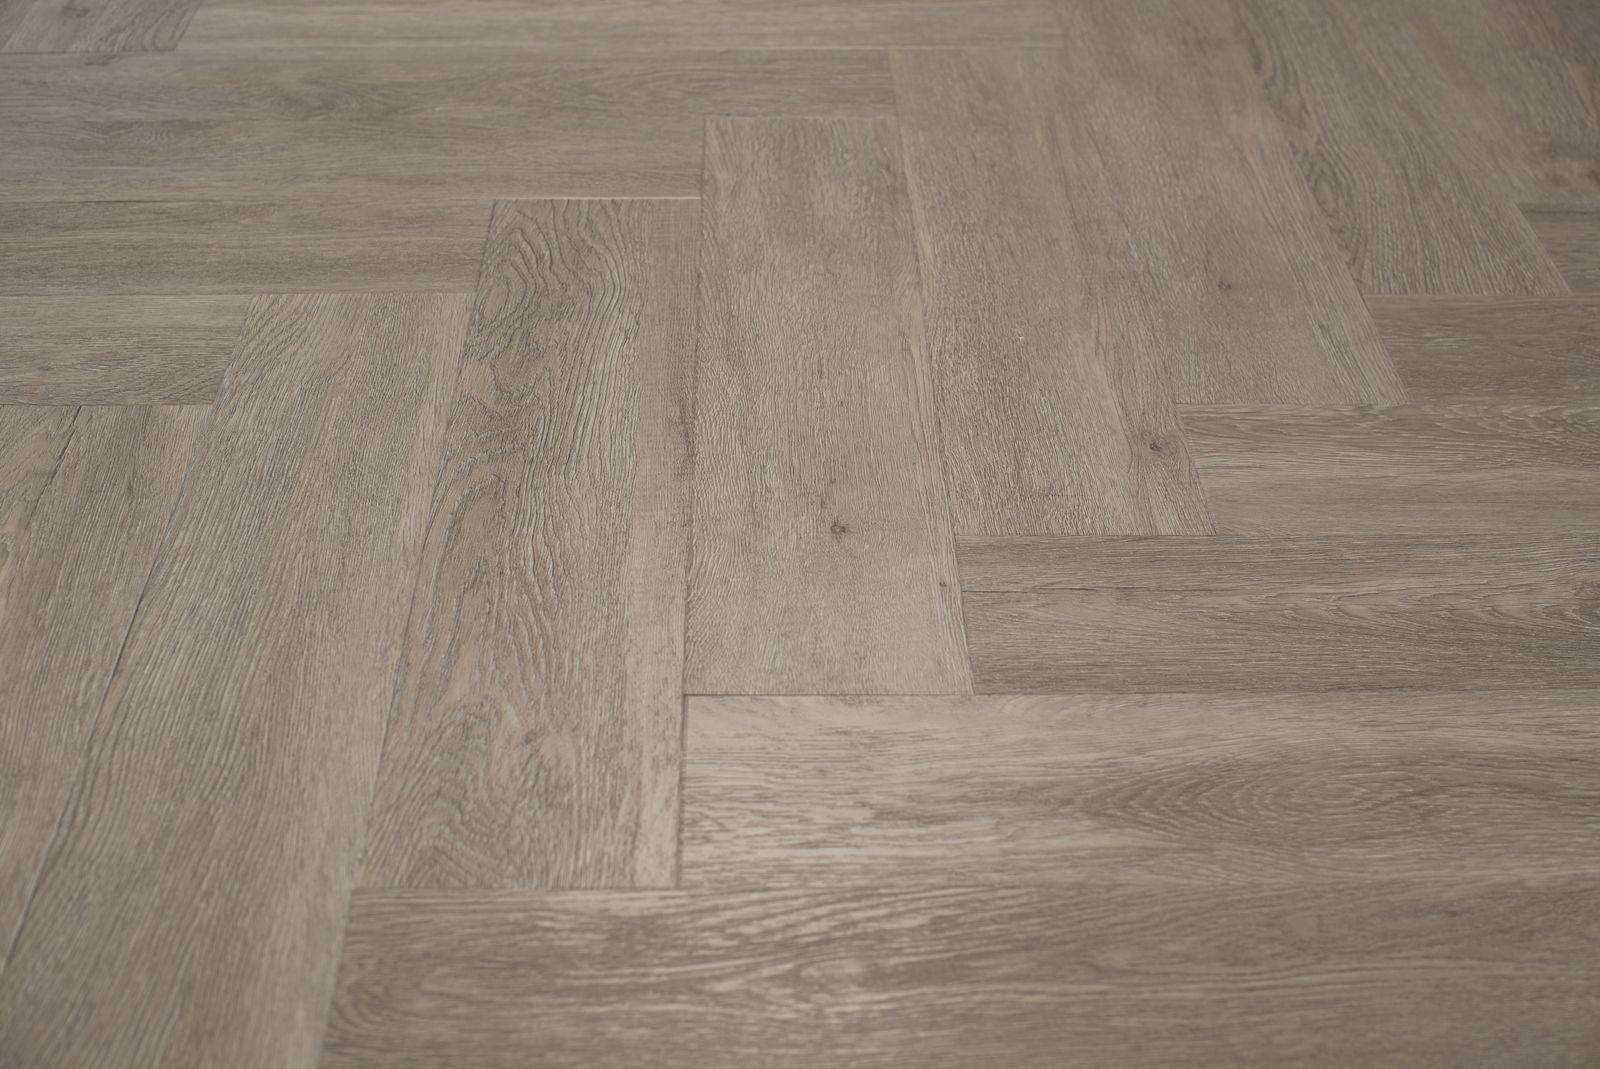 Visgraat Vloer Grijs : Floer visgraat pvc patroon vloeren grijsbeige eiken 60 x 12 cm in